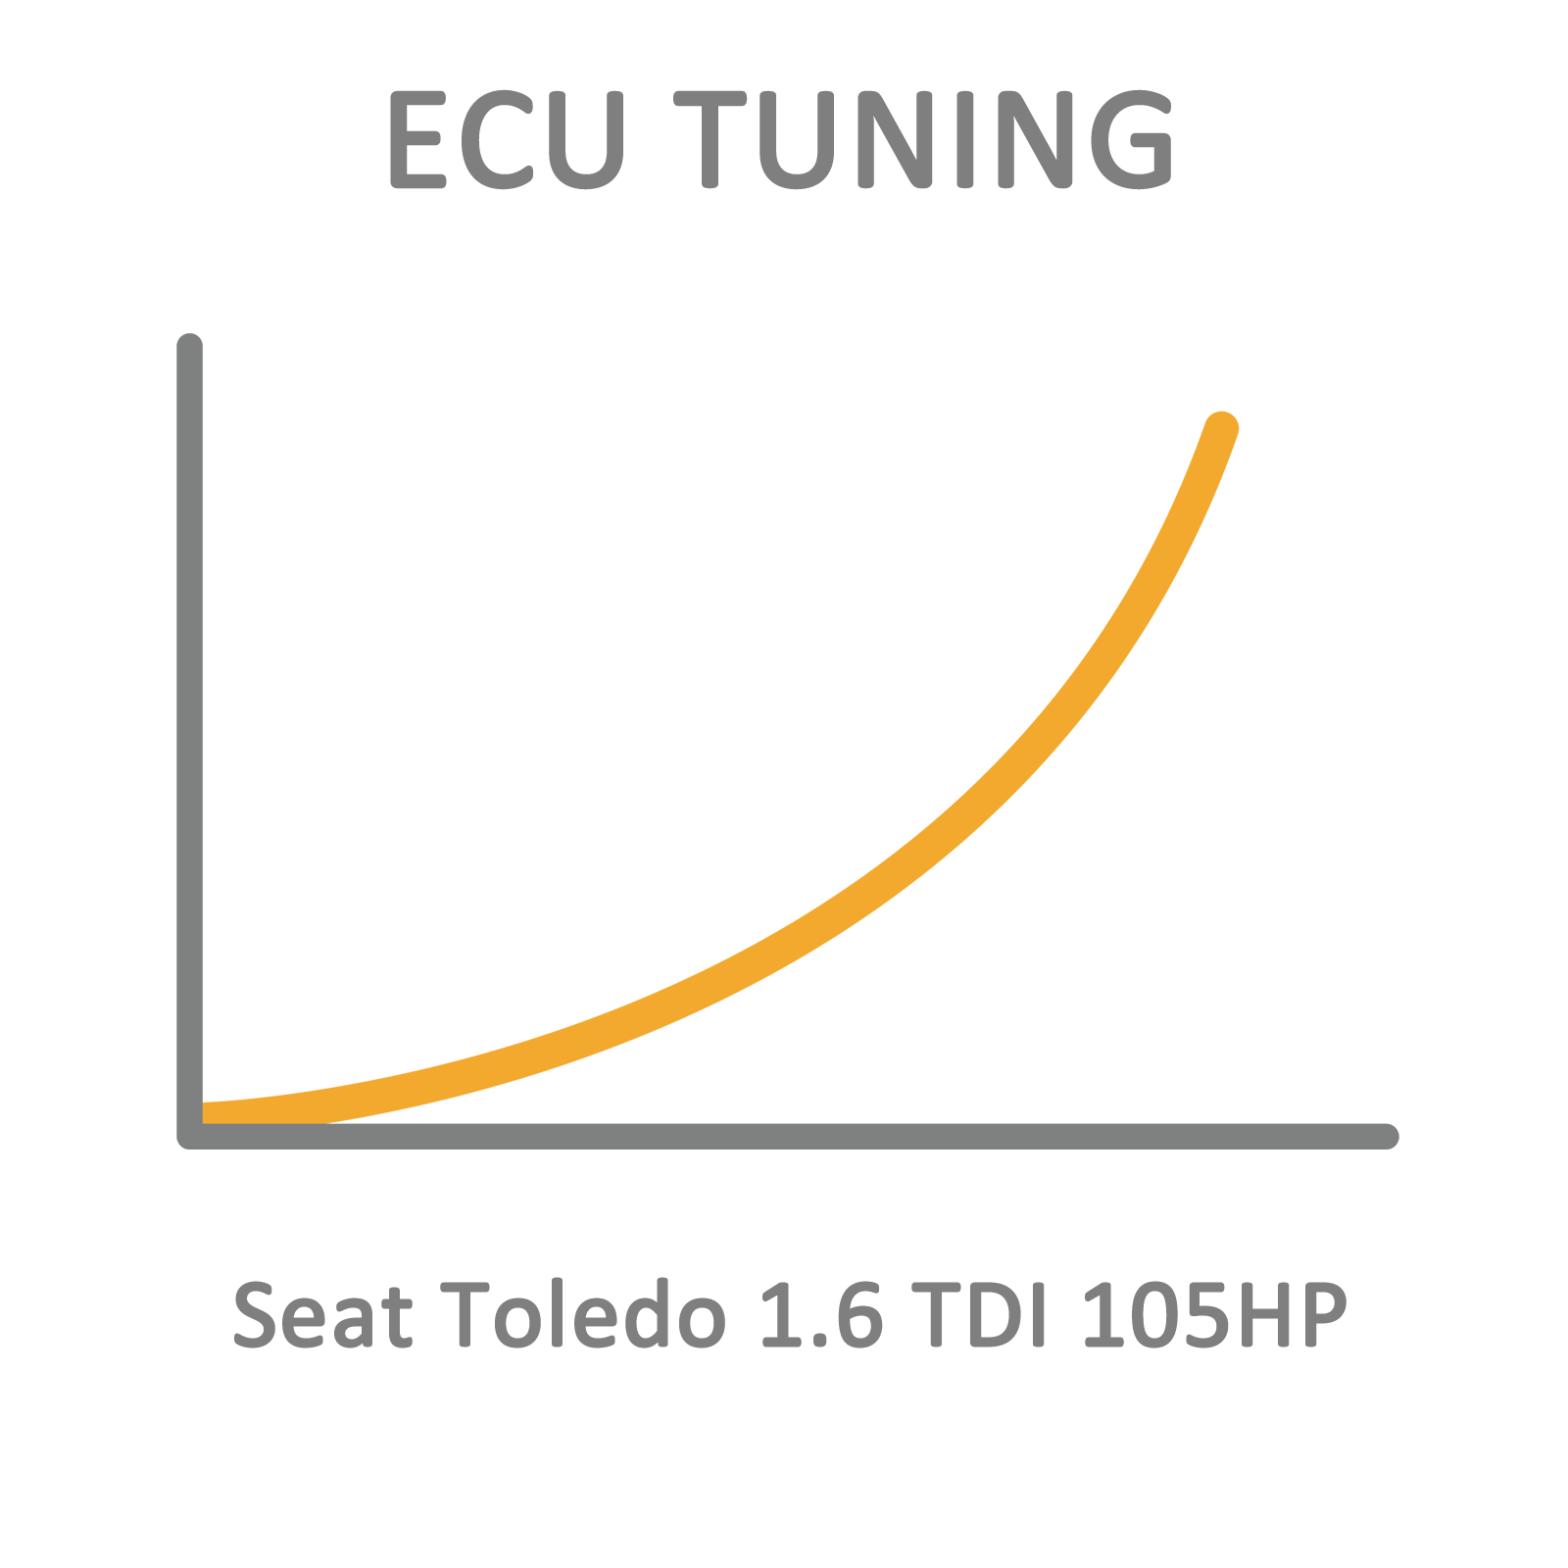 Seat Toledo 1.6 TDI 105HP ECU Tuning Remapping Programming